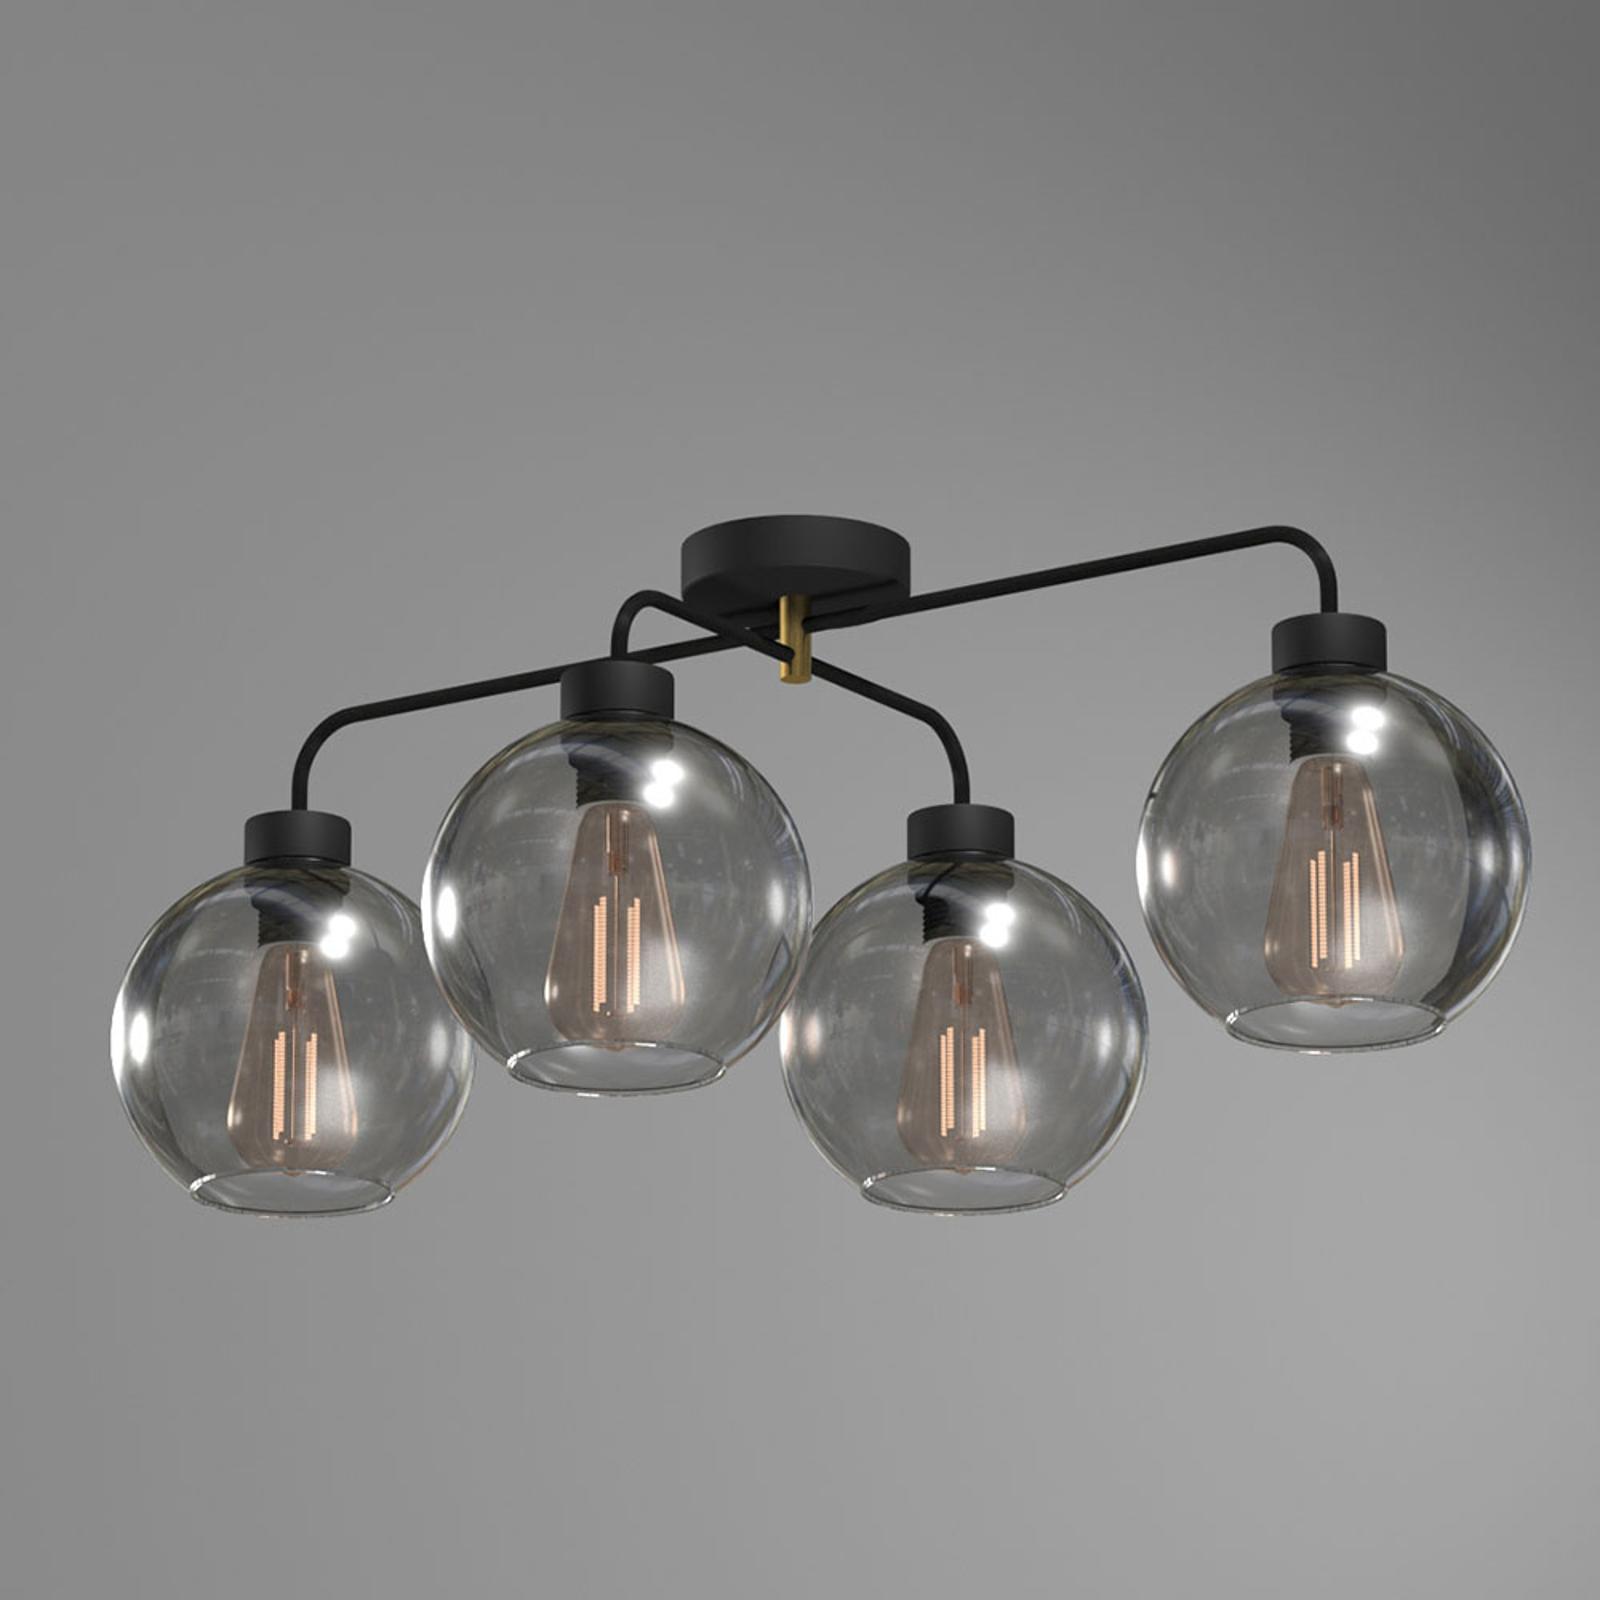 Plafondlamp Bari van glas, 4-lamps